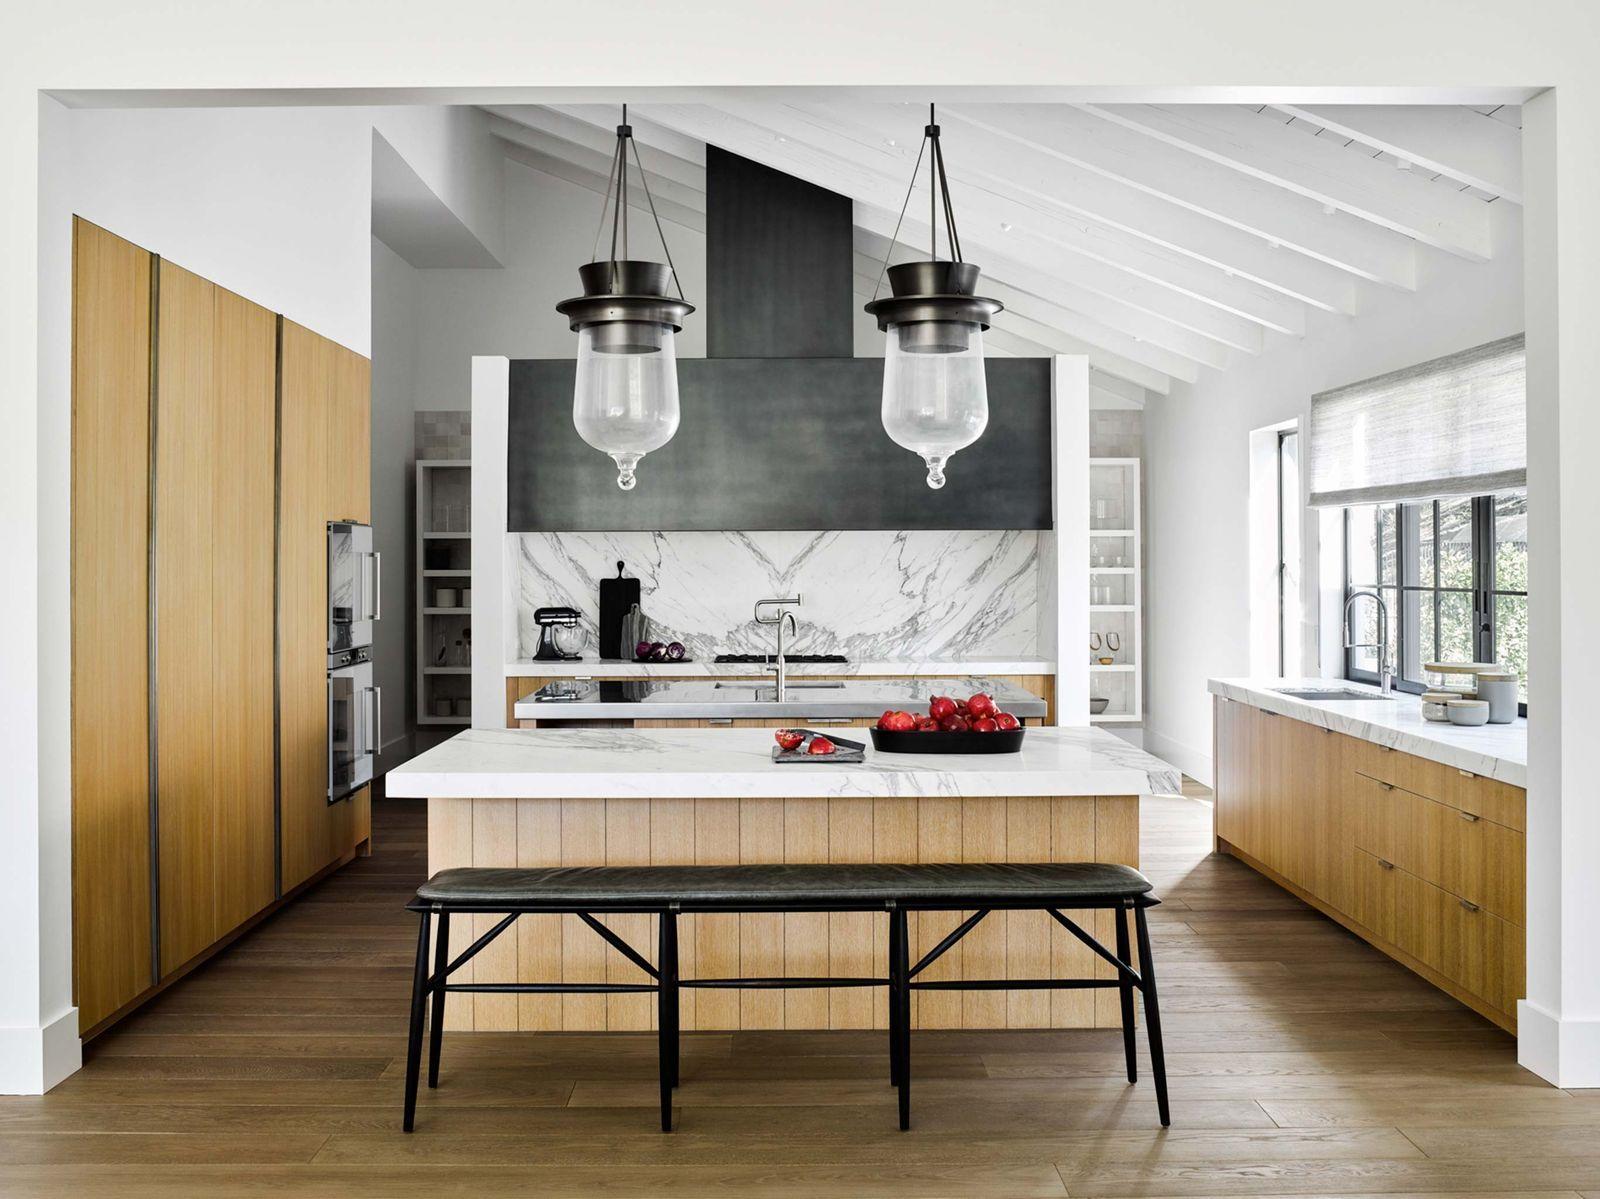 50 Ways To Upgrade Your Kitchen Island Kitchen Island Design